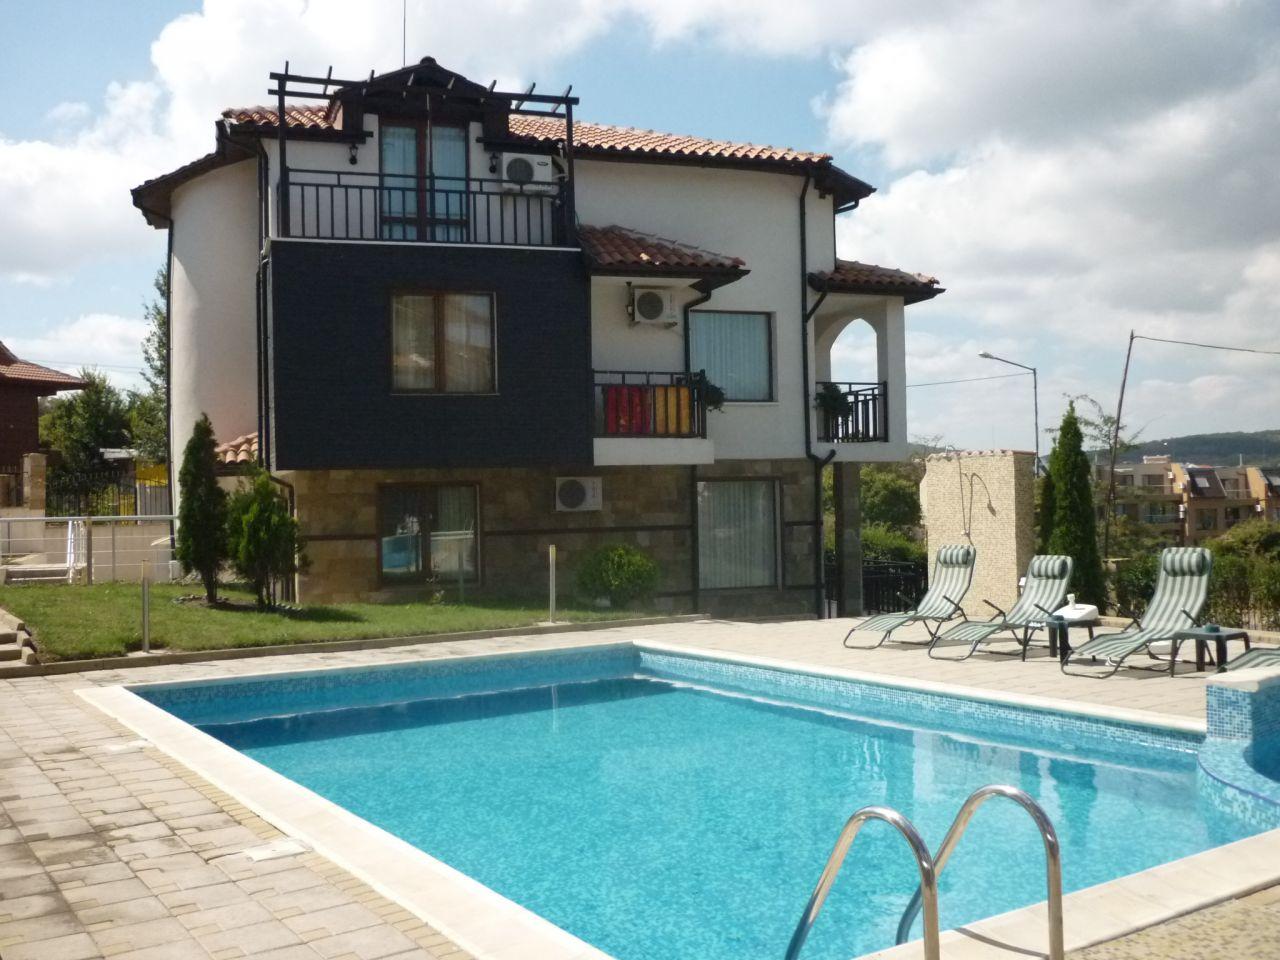 Апартаменты в Созополе, Болгария, 63 м2 - фото 2